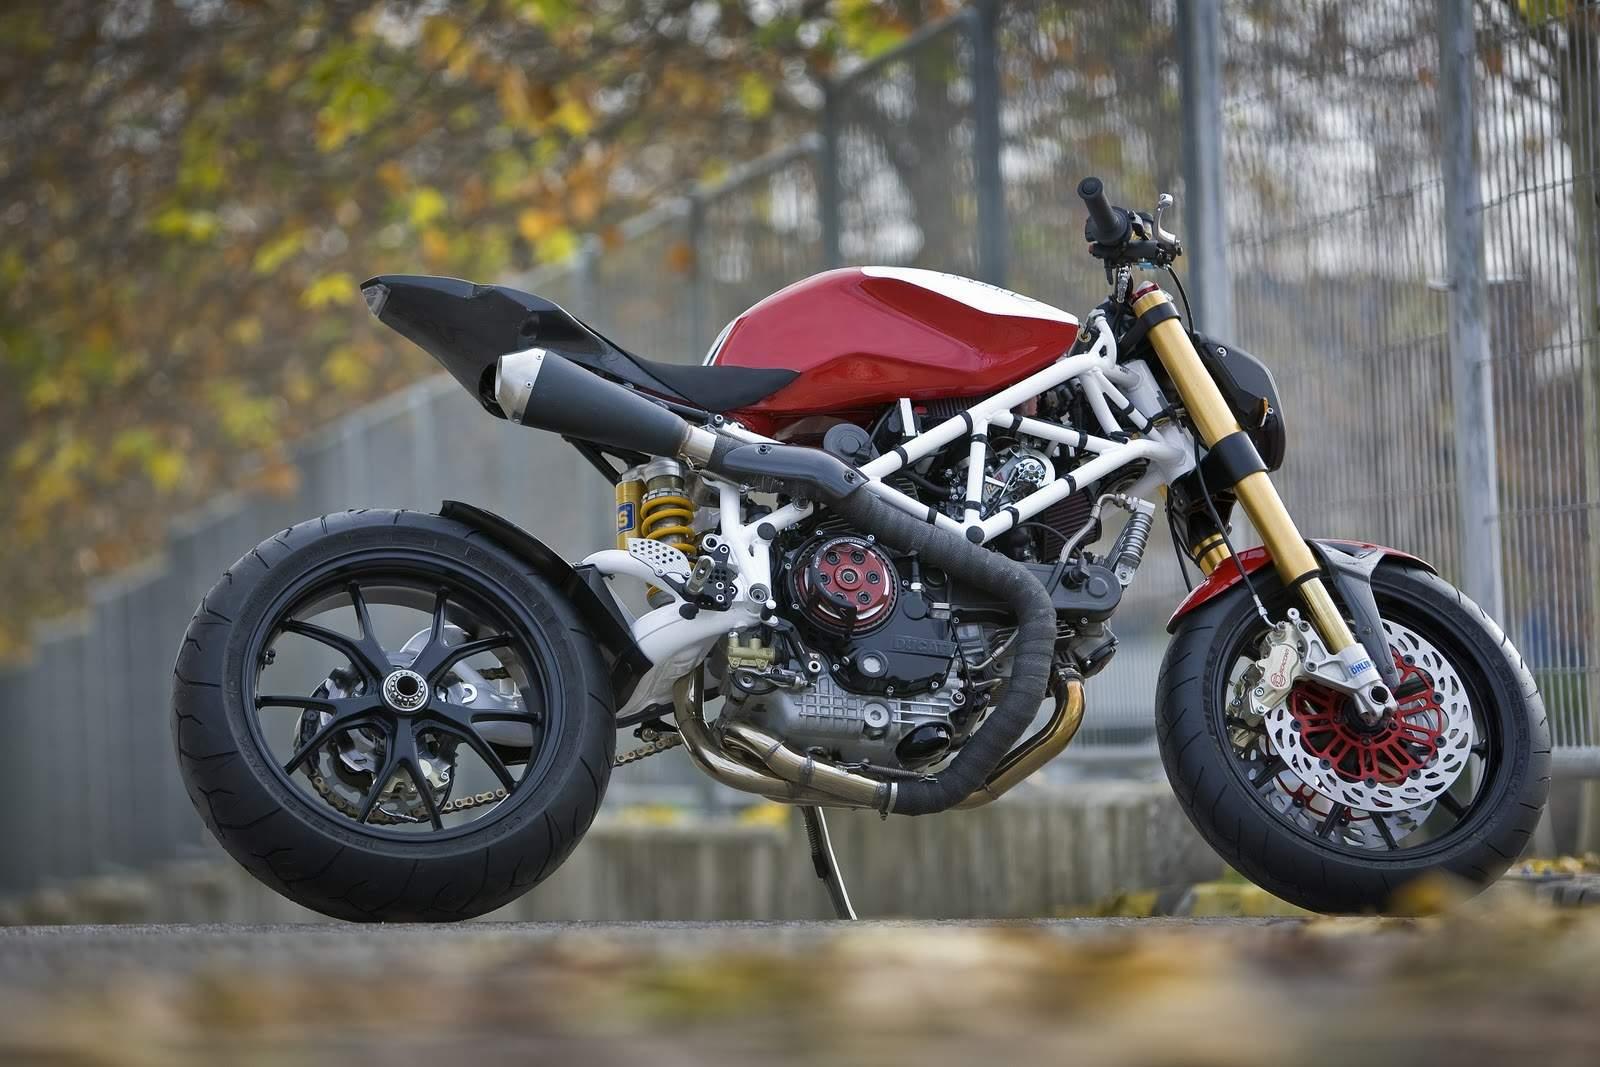 473bfd3bd2e Baixar fotos de motos 1100